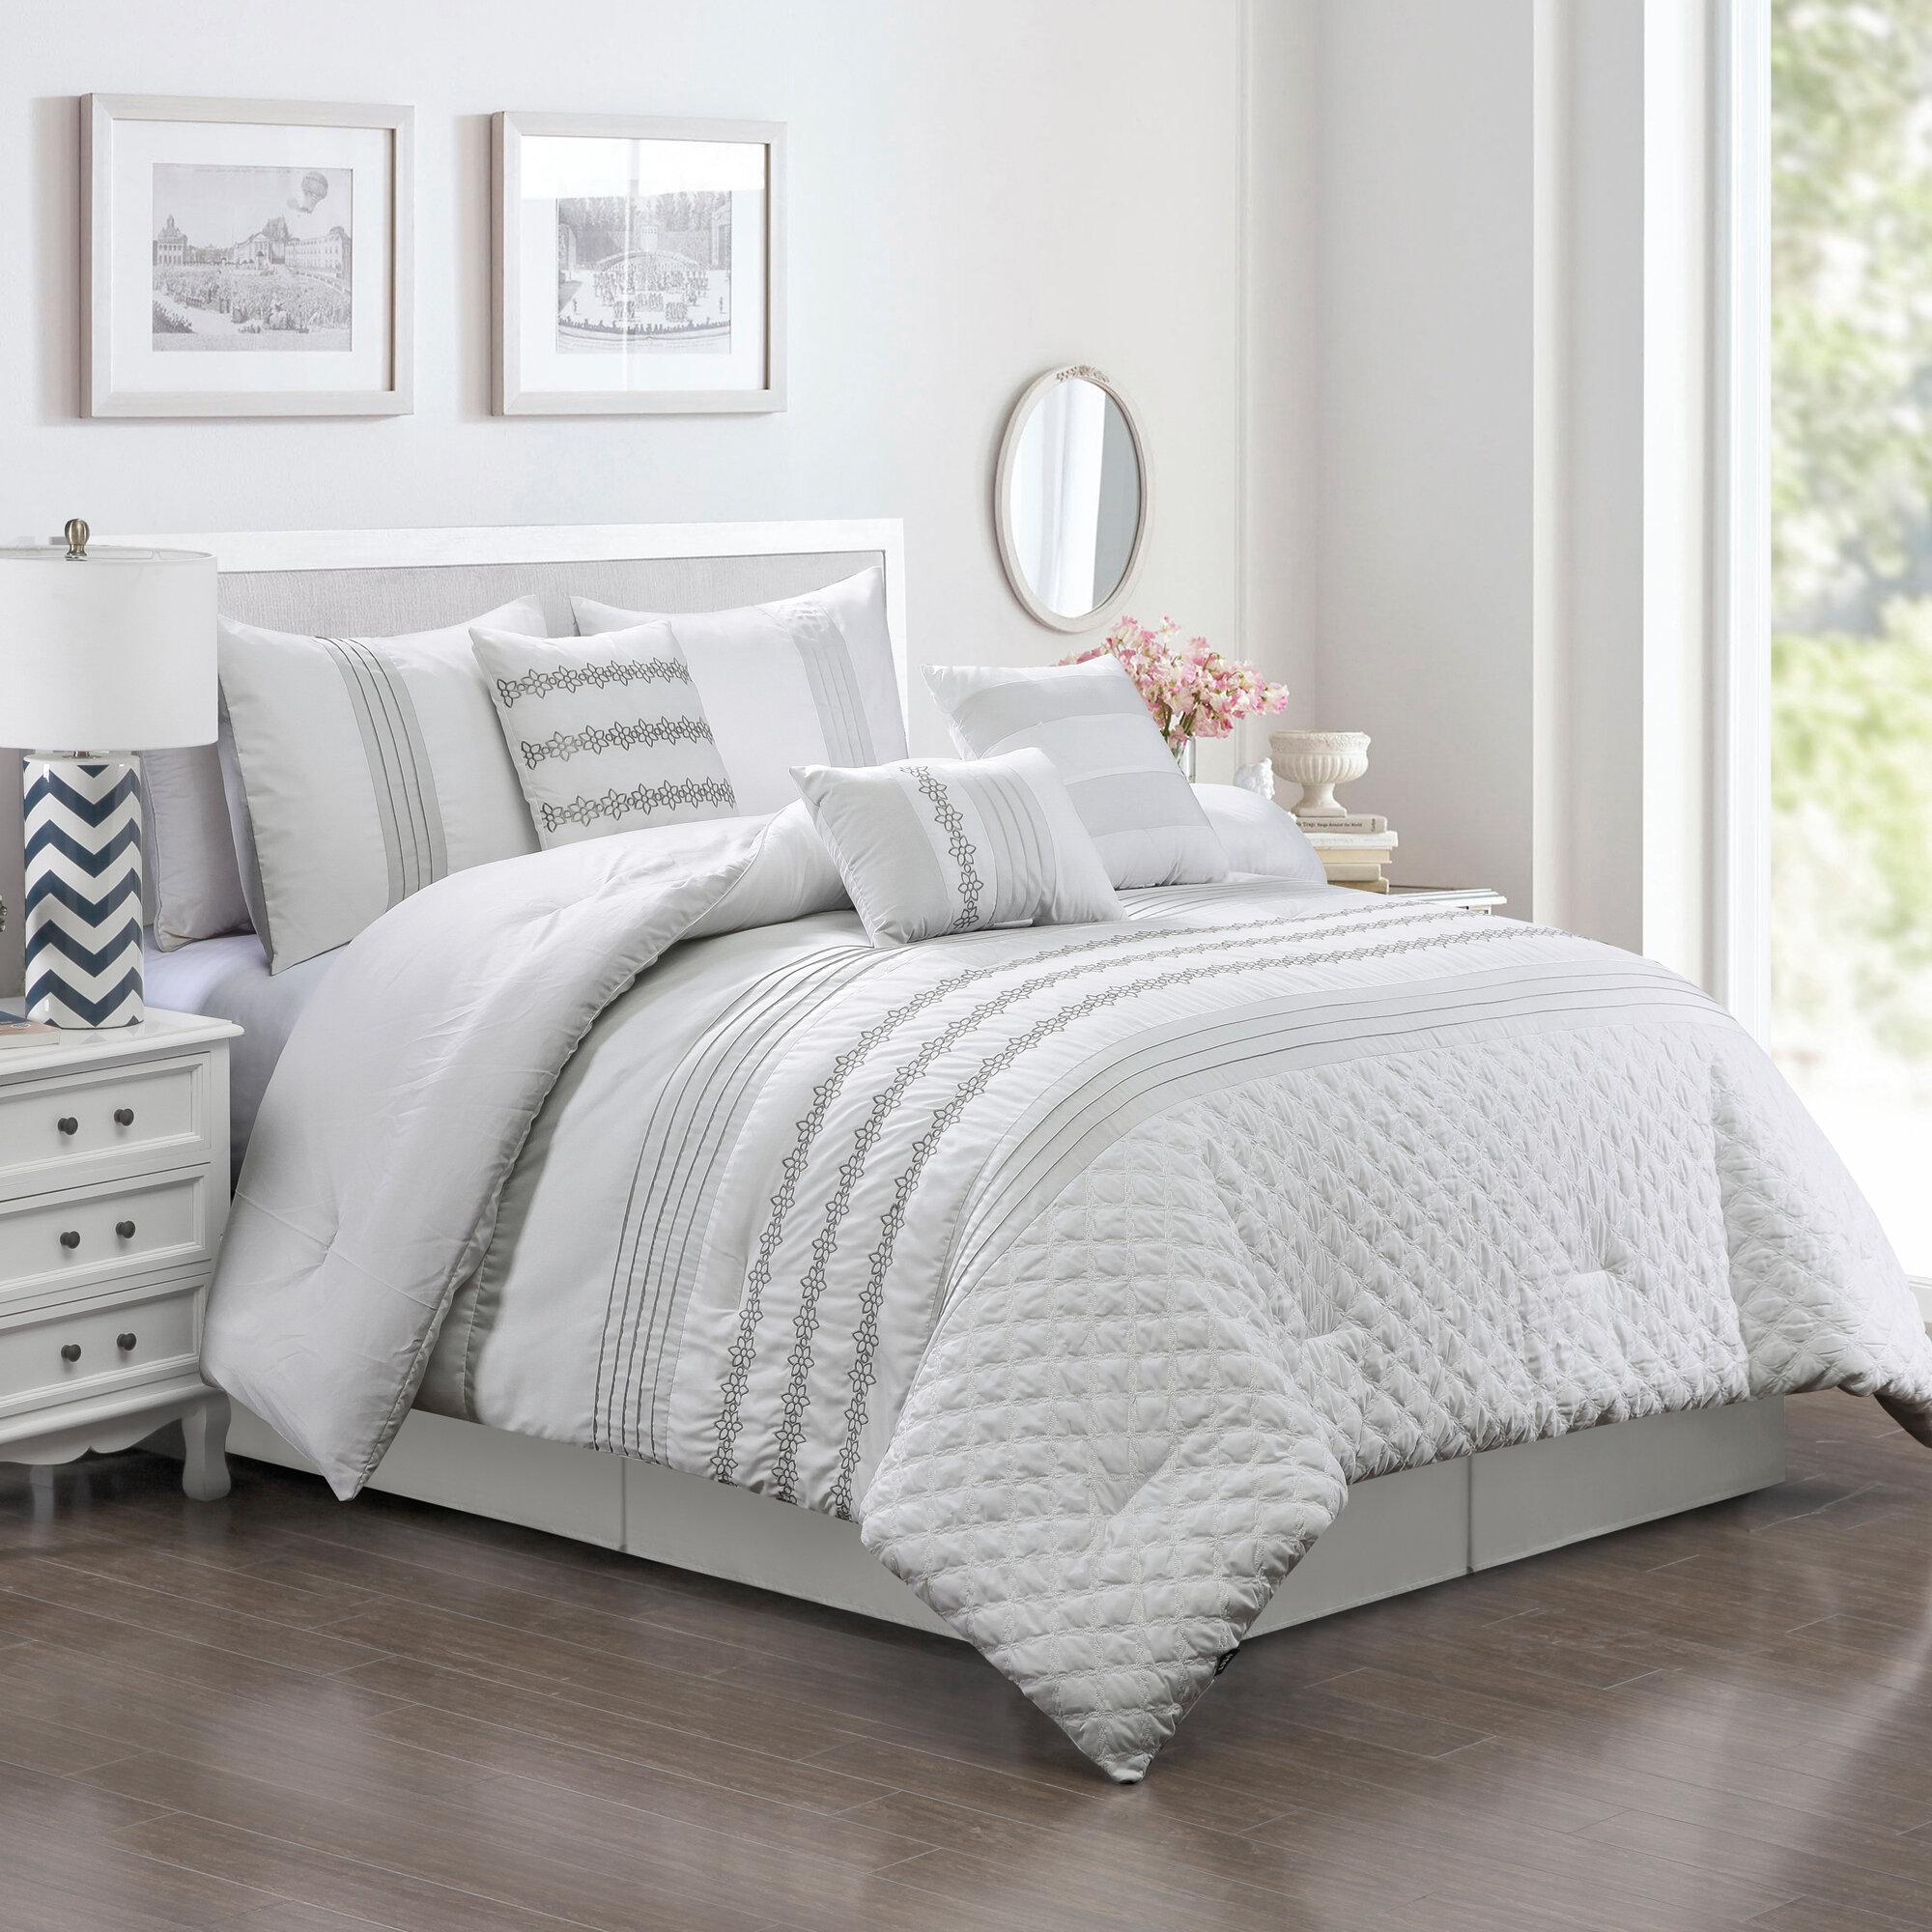 House Of Hampton Tindle Comforter Set Reviews Wayfair